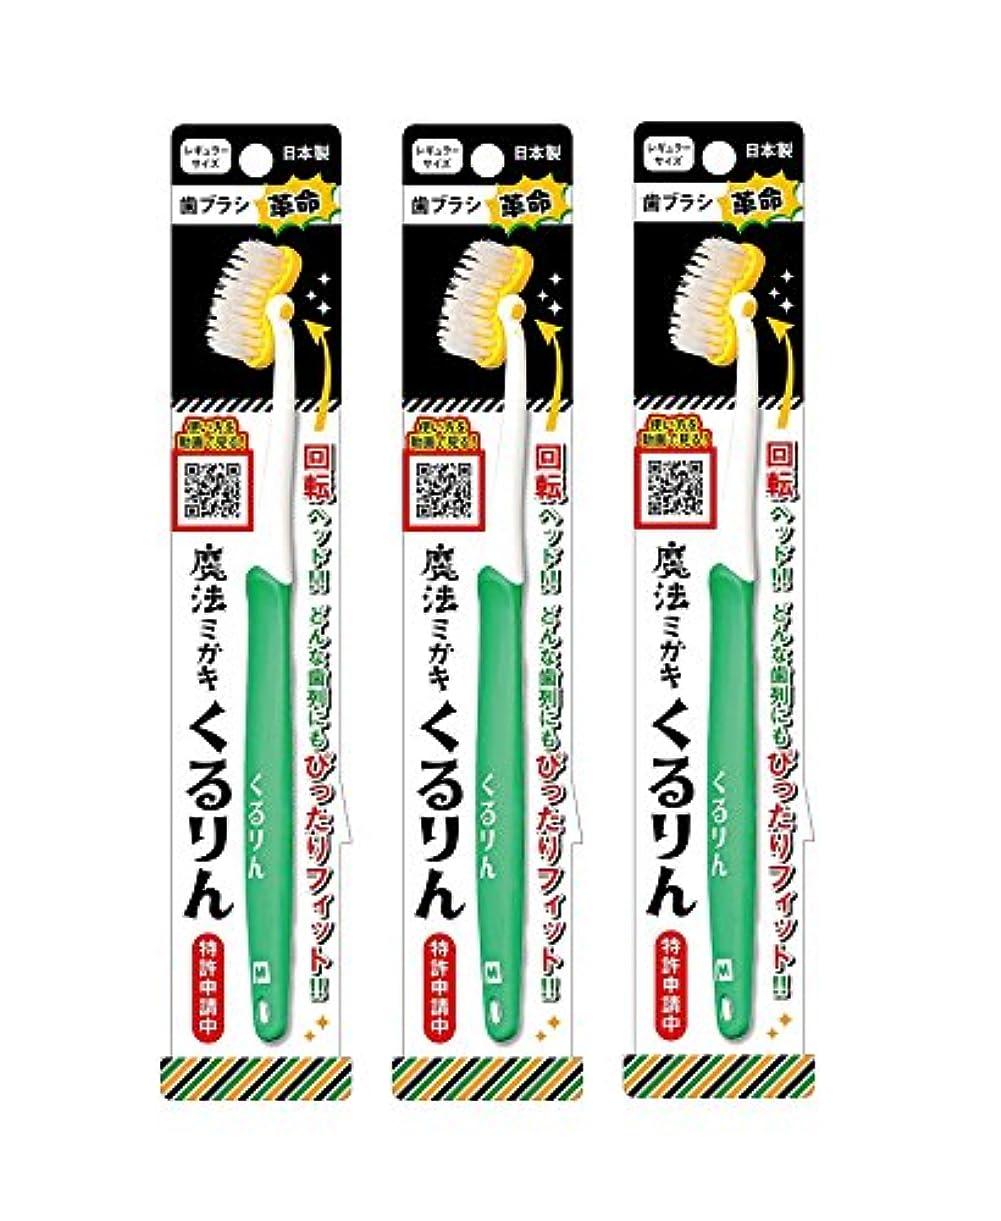 スーパー座る直感歯ブラシ革命 魔法ミガキくるりん MM-151 グリーン 3本セット